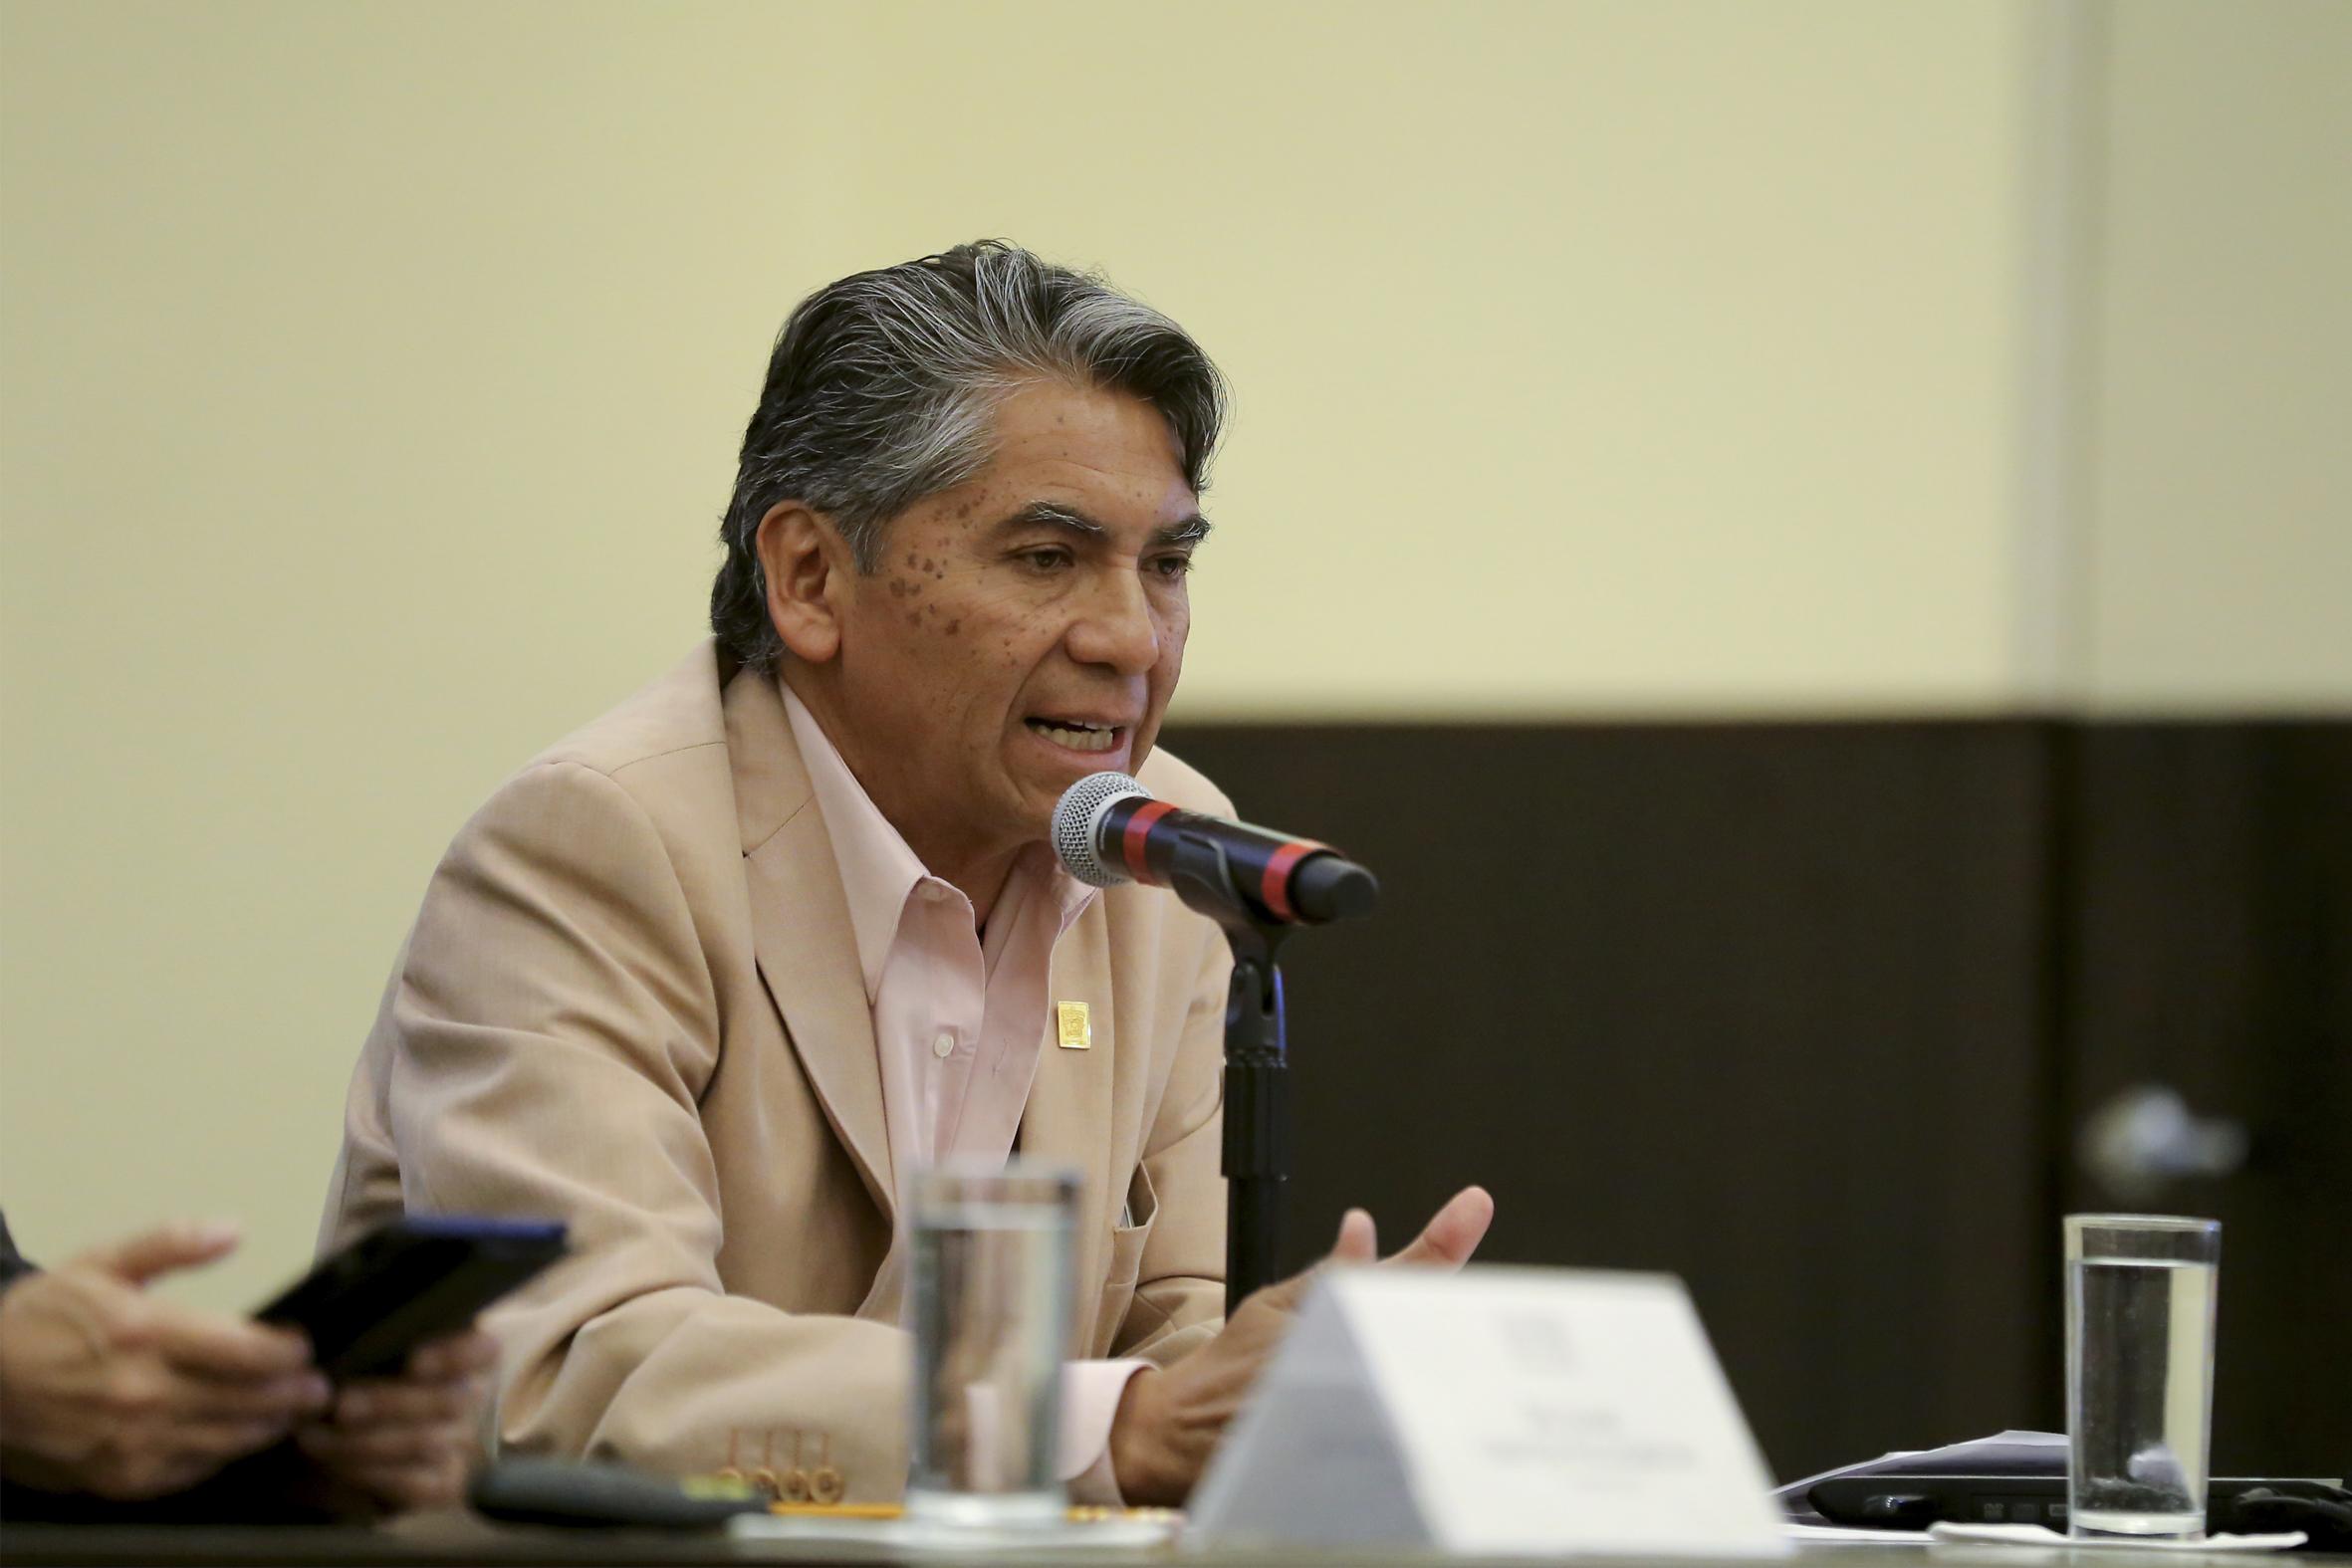 Director de la División de Estudios Científicos y Tecnológicos del Centro Universitario de los Valles (CUValles), José Rosas Elguera, haciendo uso de la voz